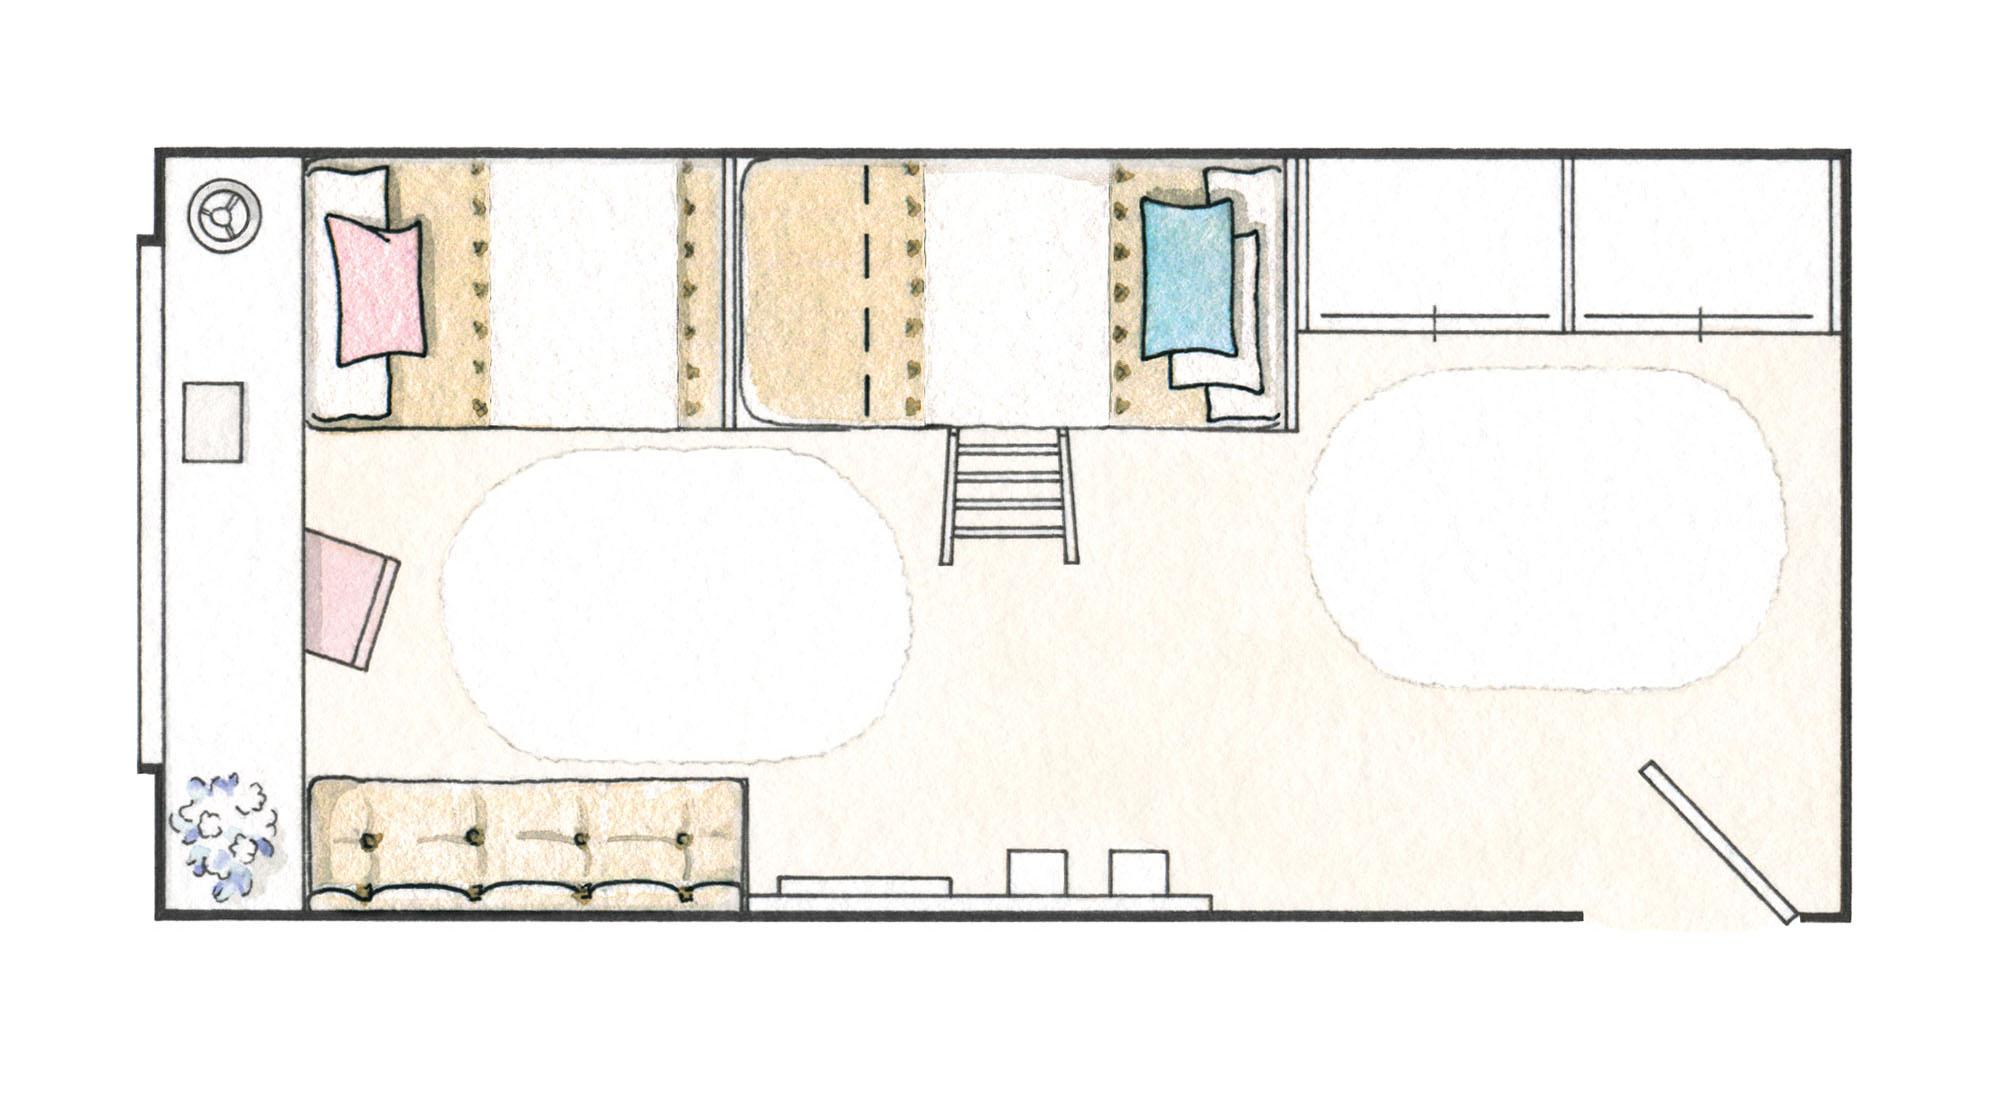 2 Habitaciones Infantiles Bien Aprovechadas Que